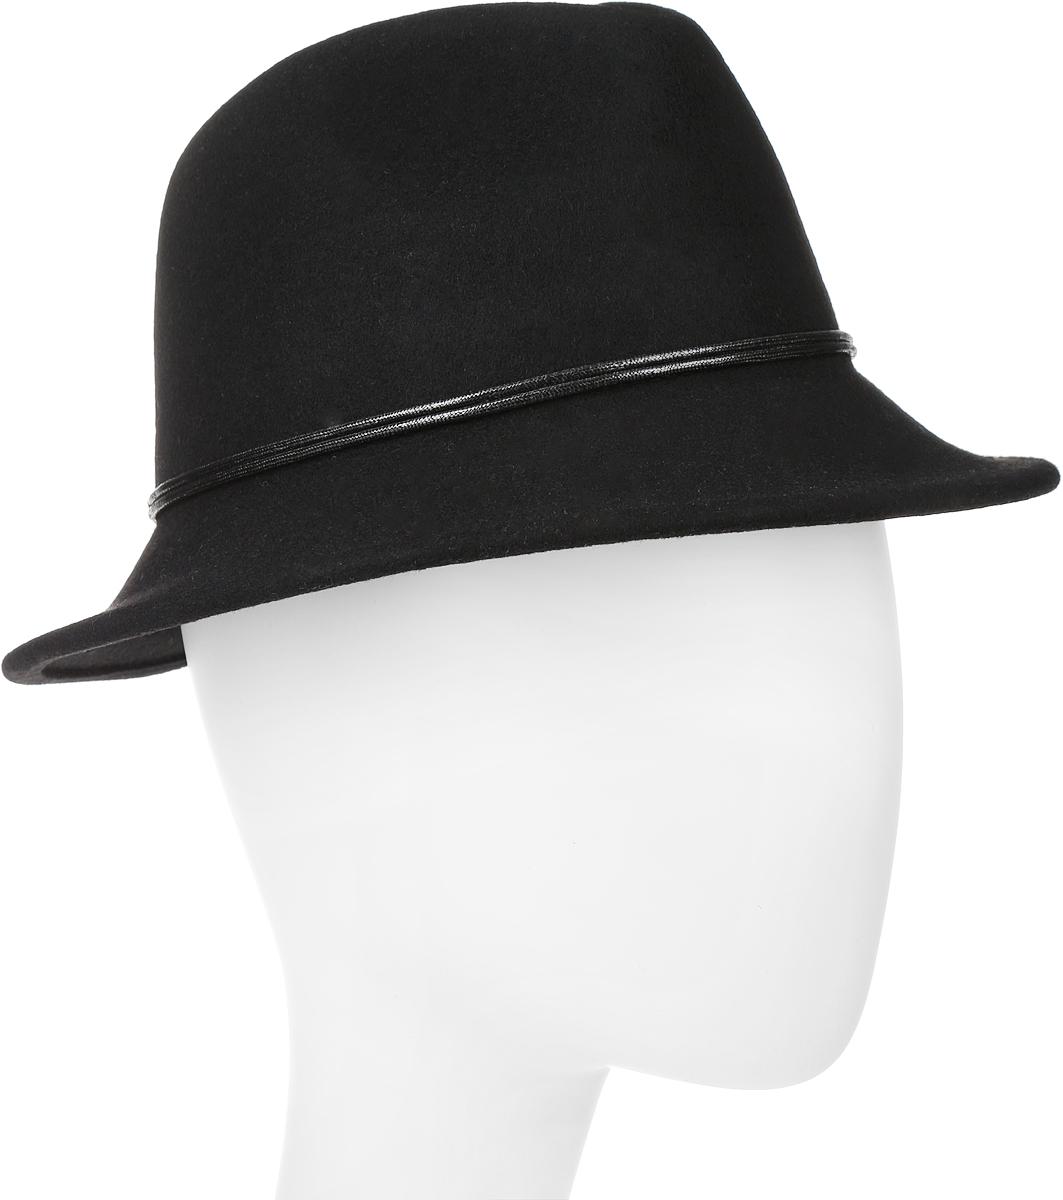 Шляпа600-9323Элегантная женская шляпа Goorin Brothers, выполненная из натуральной шерсти, дополнит любой образ. Модель с узкими полями, невысокой А-образной тульей с продольными заломами и изогнутыми вниз полями. Шляпа-федора по тулье оформлена тонким двойным шнурком и дополнена металлическим элементом. Внутри модель дополнена плотной тесьмой для комфортной посадки изделия по голове. Аккуратные поля шляпы придадут вашему образу таинственности и шарма. Такая шляпа подчеркнет вашу неповторимость и прекрасный вкус.